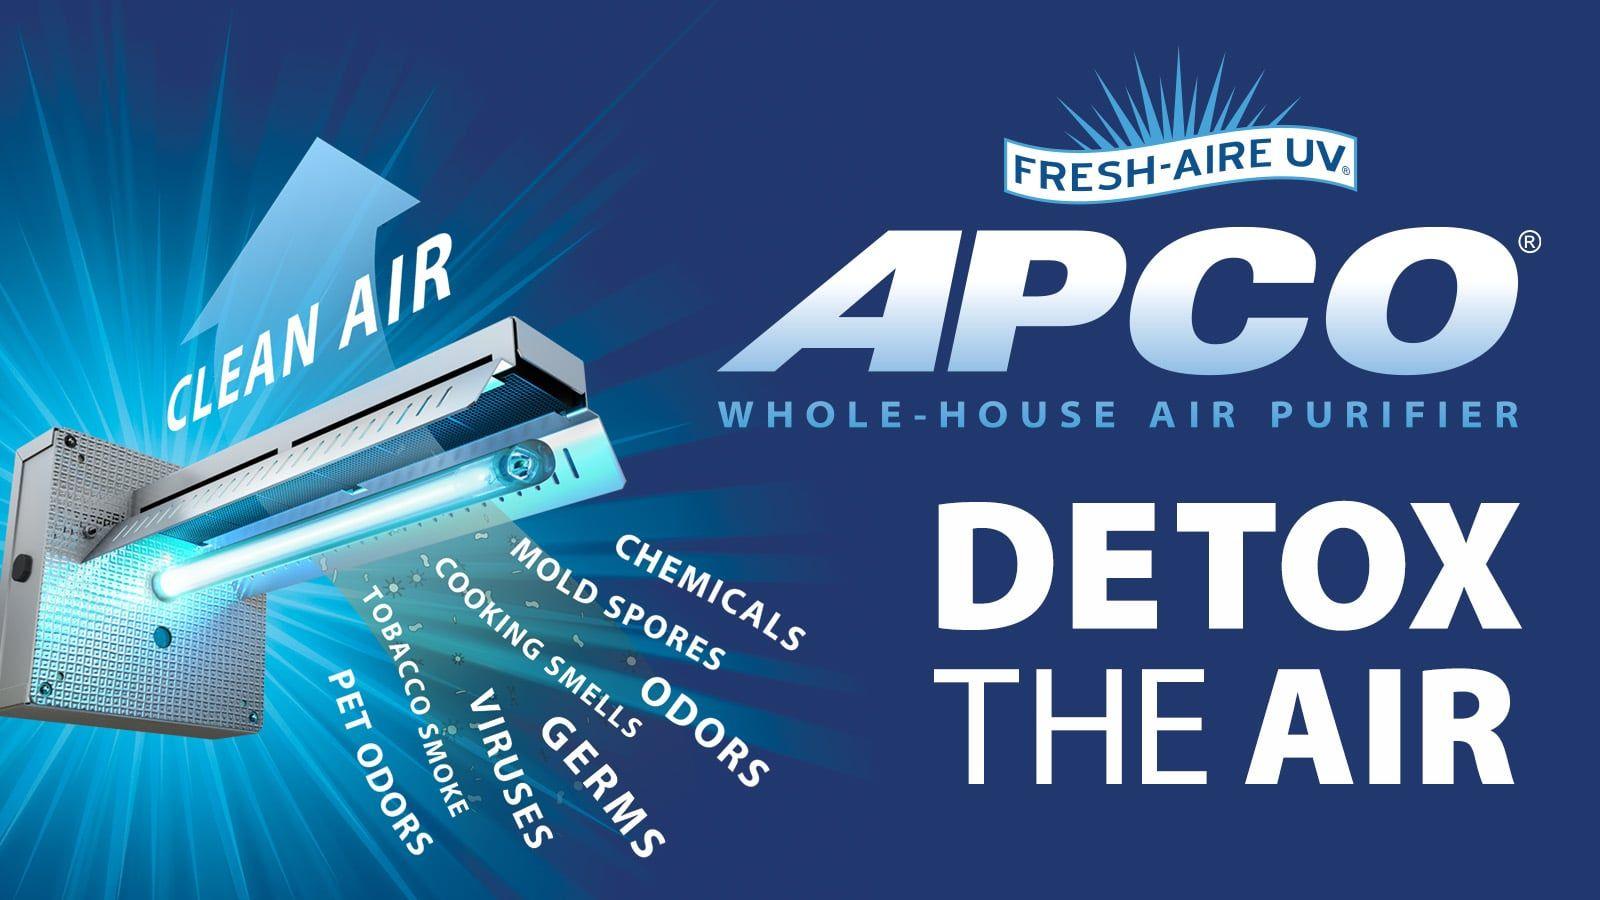 FreshAire UV APCO Home air purifier, Air purifier mold